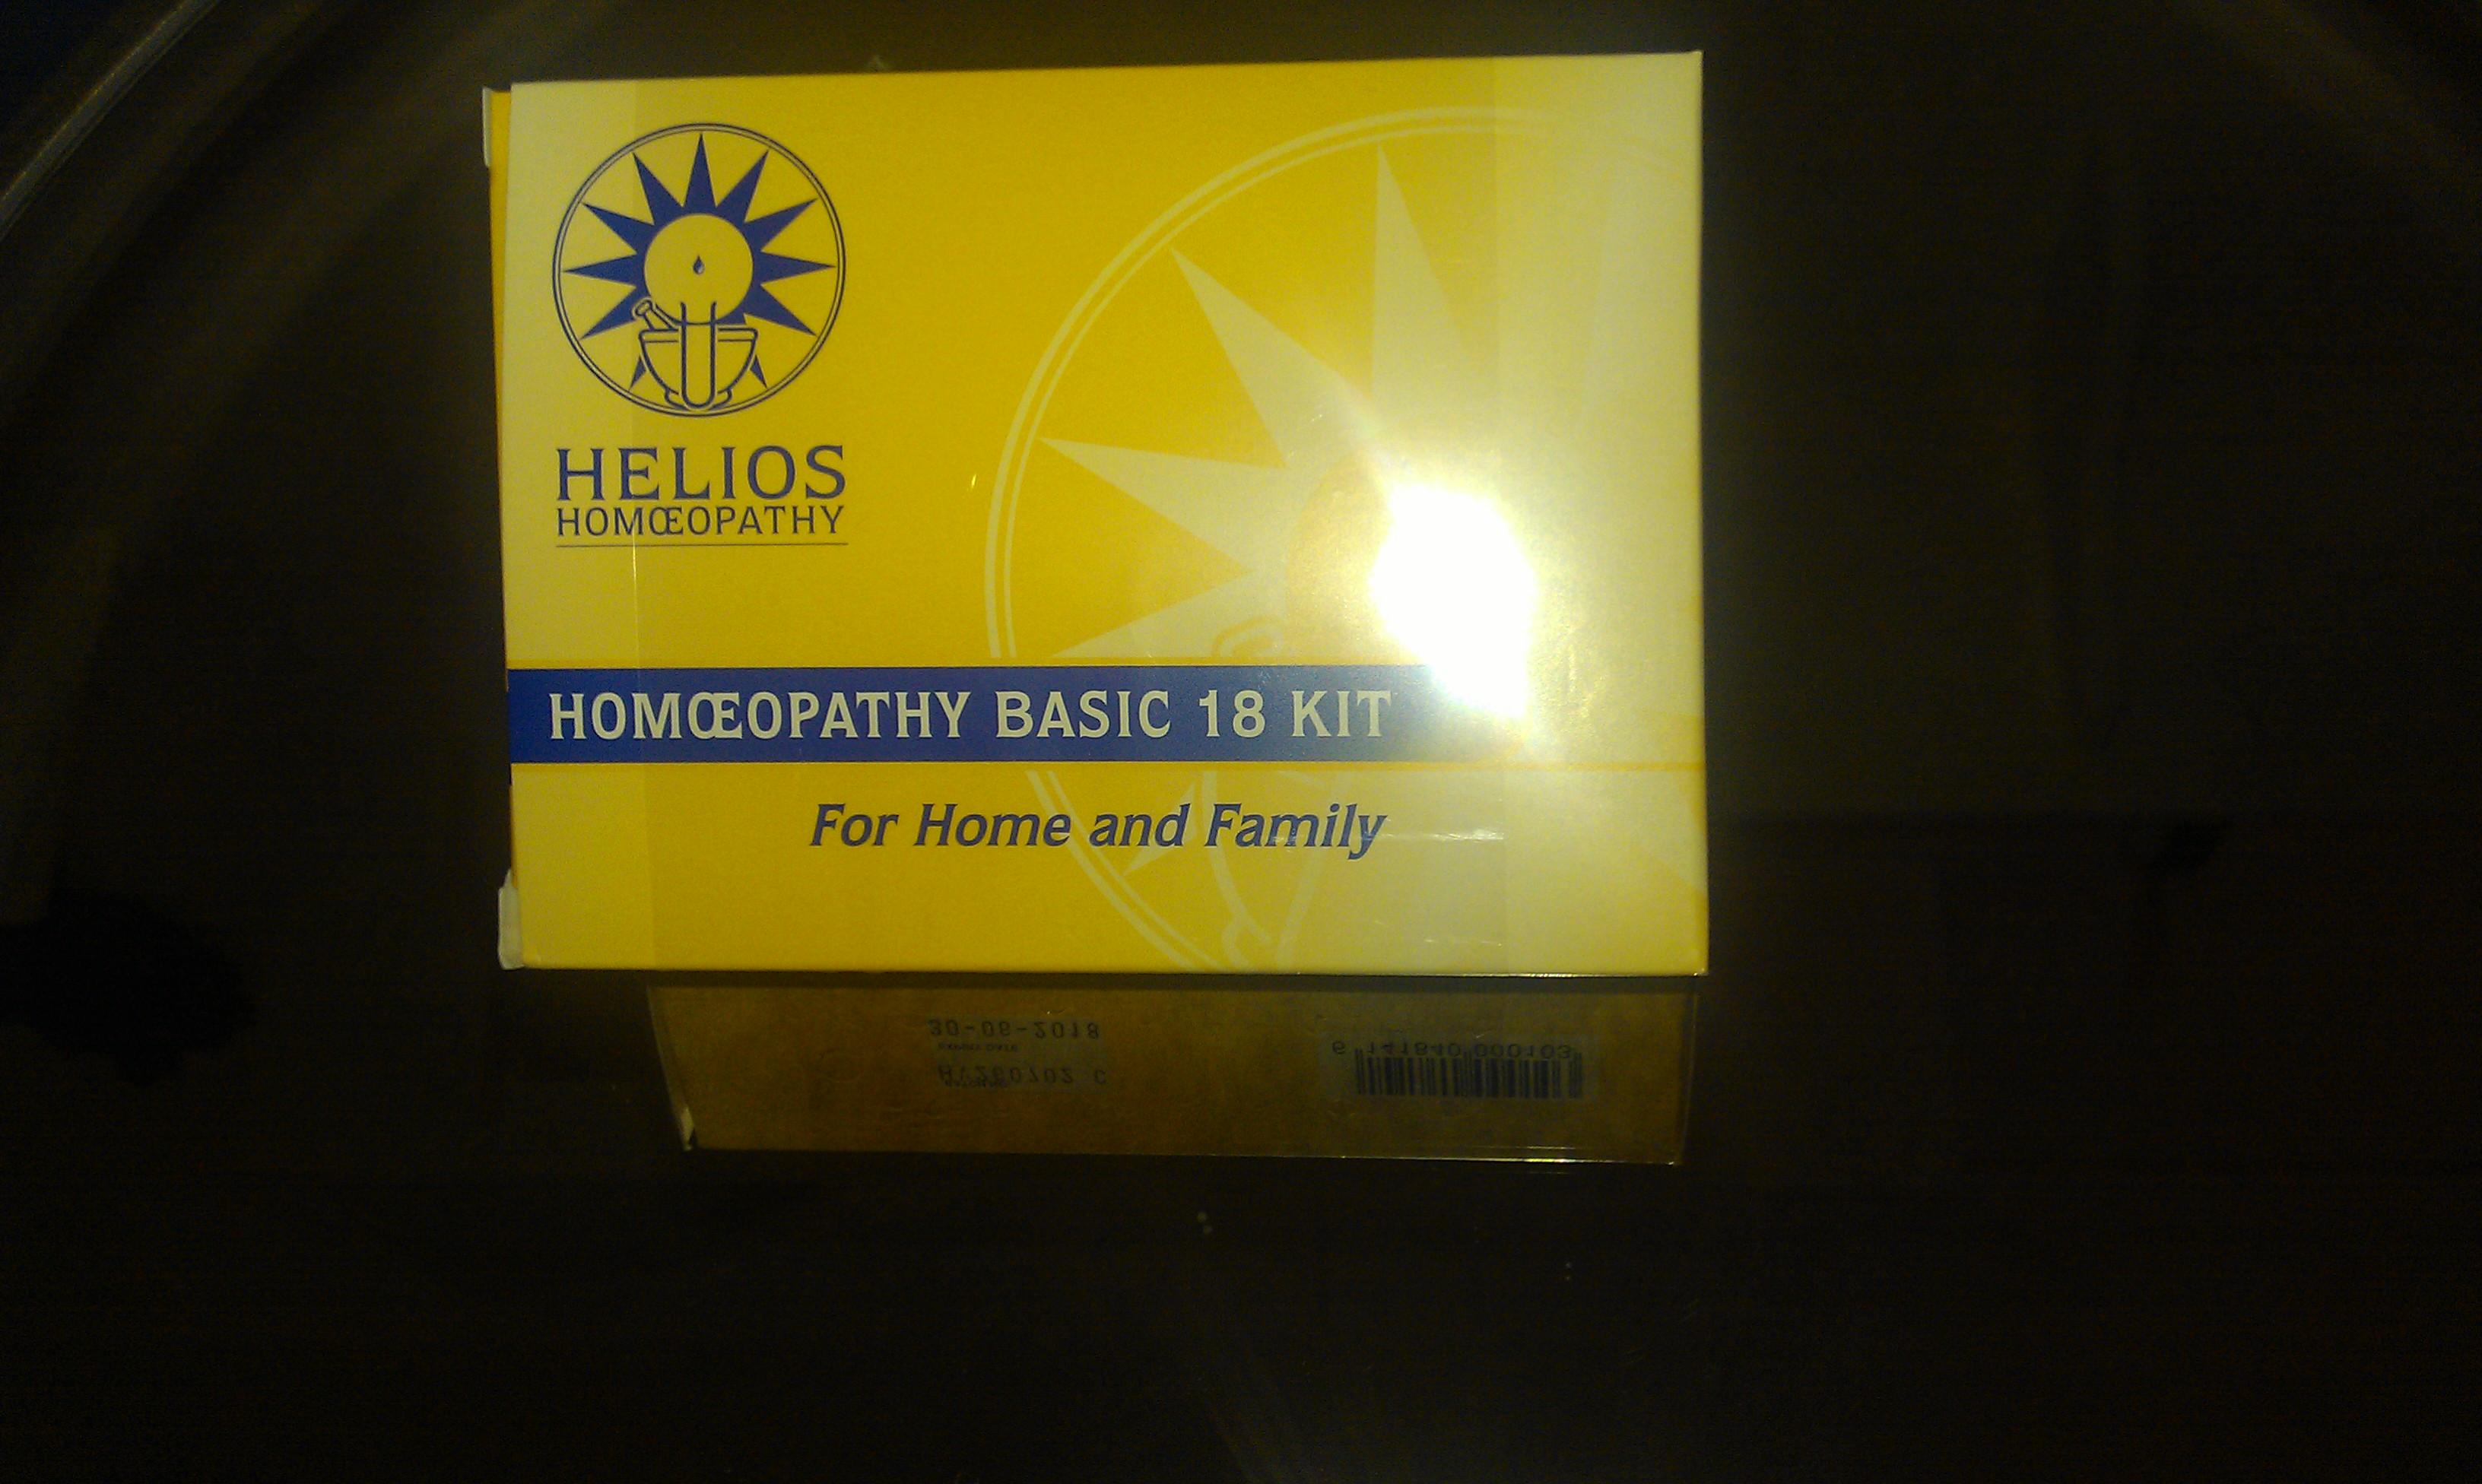 Remedy kit pic